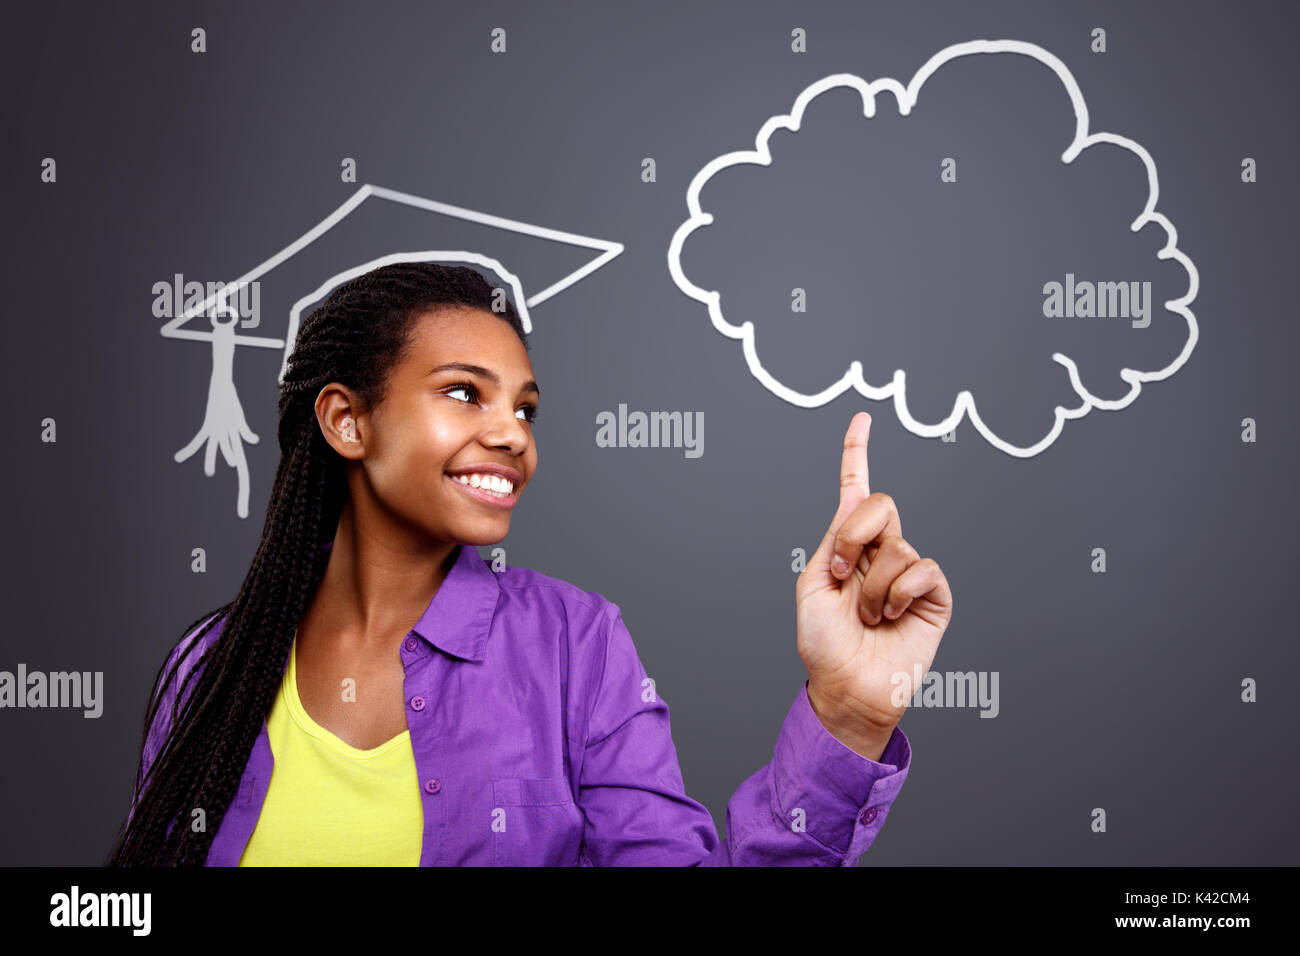 La educación en la escuela - alumna de la idea en la nube Imagen De Stock